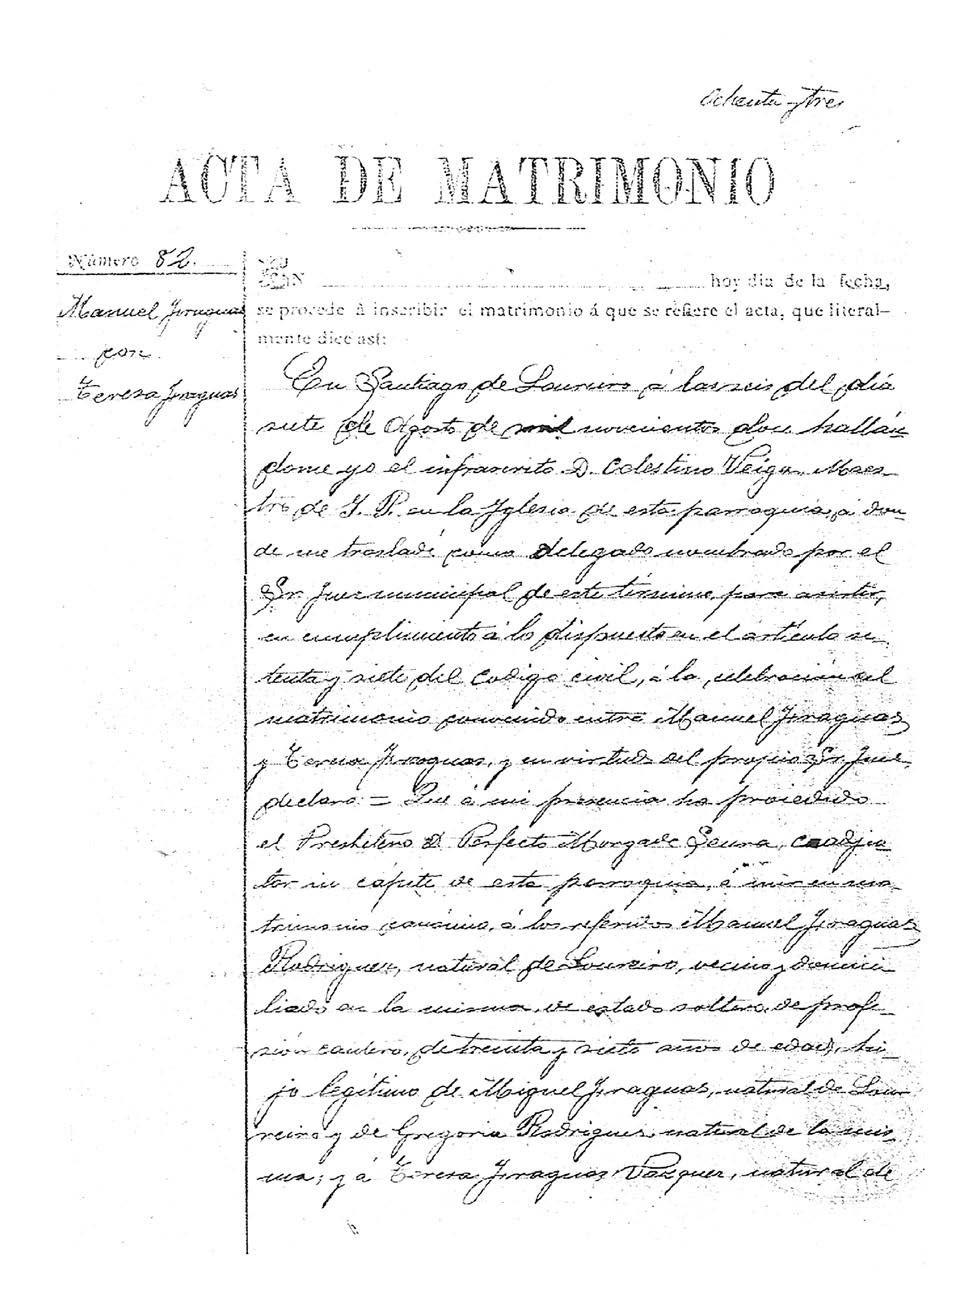 Acta de matrimonio de Manuel e Teresa, pais de Antón, 7/8/1912.